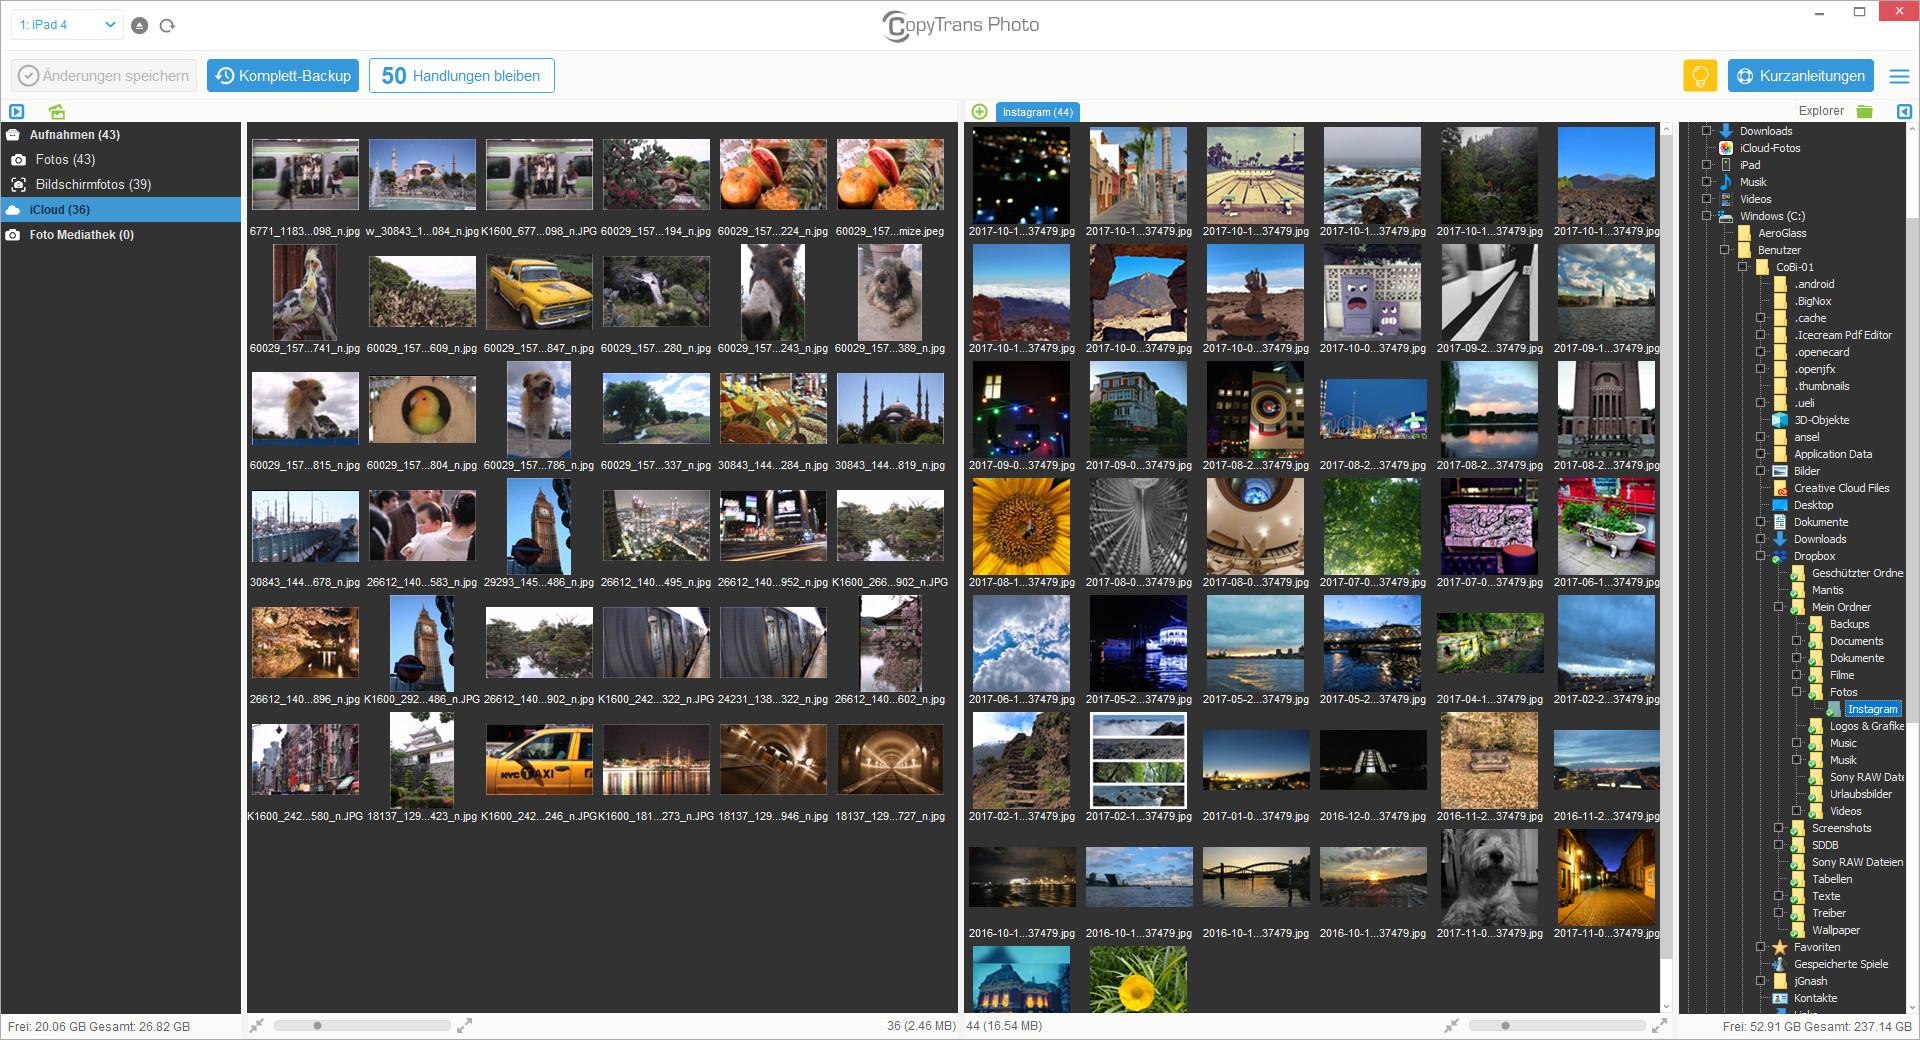 Screenshot 1 - CopyTrans Photo